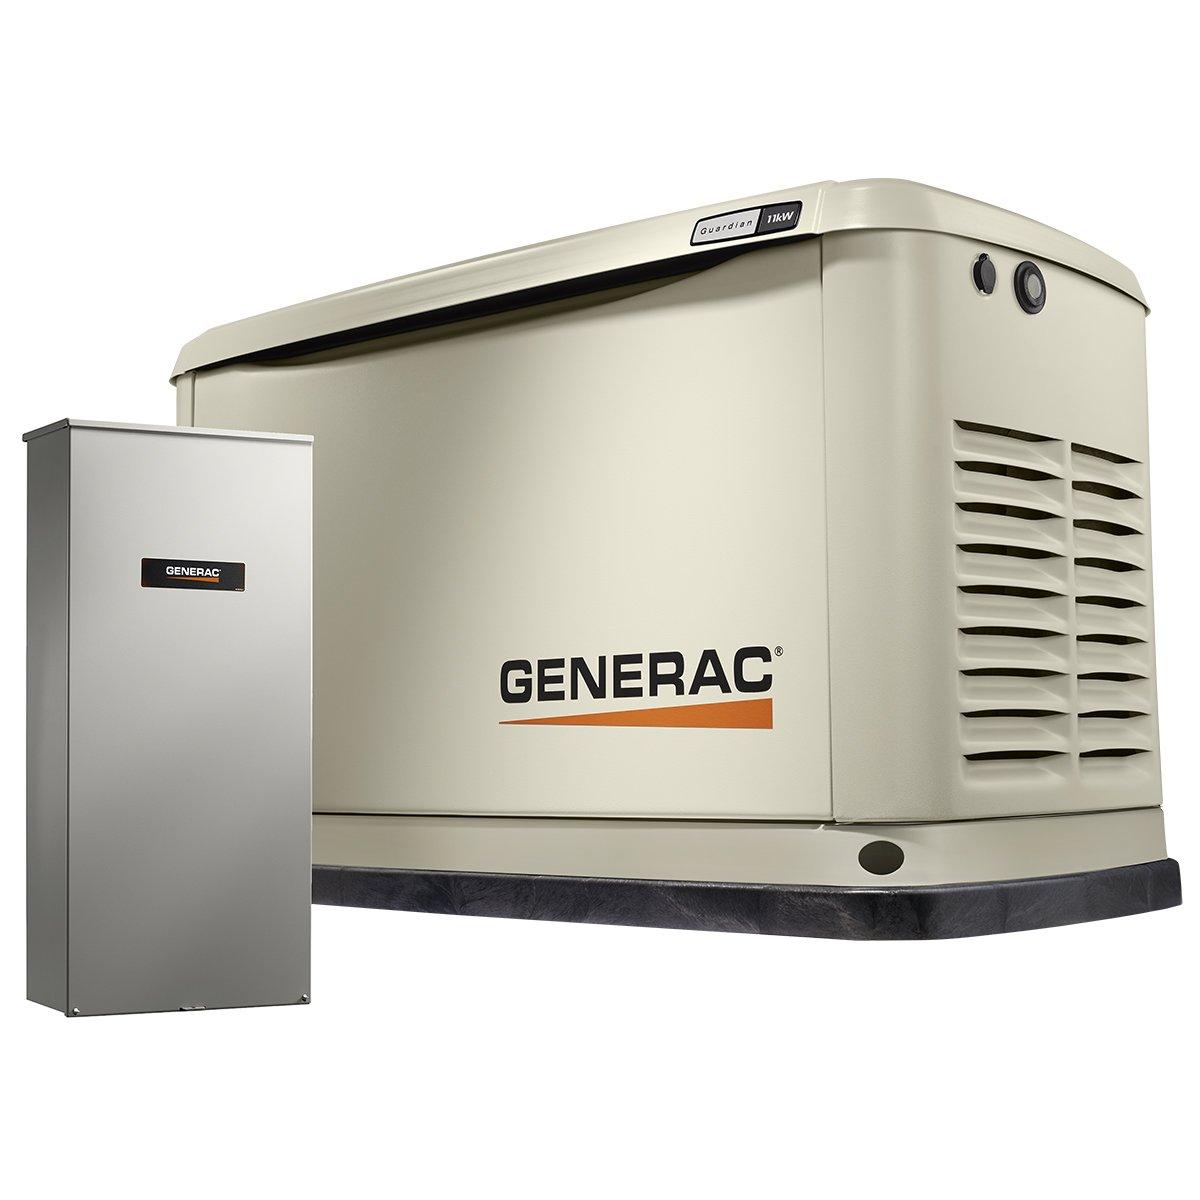 Generac 7032 Air-Cooled Standby Generator, Aluminum by Generac